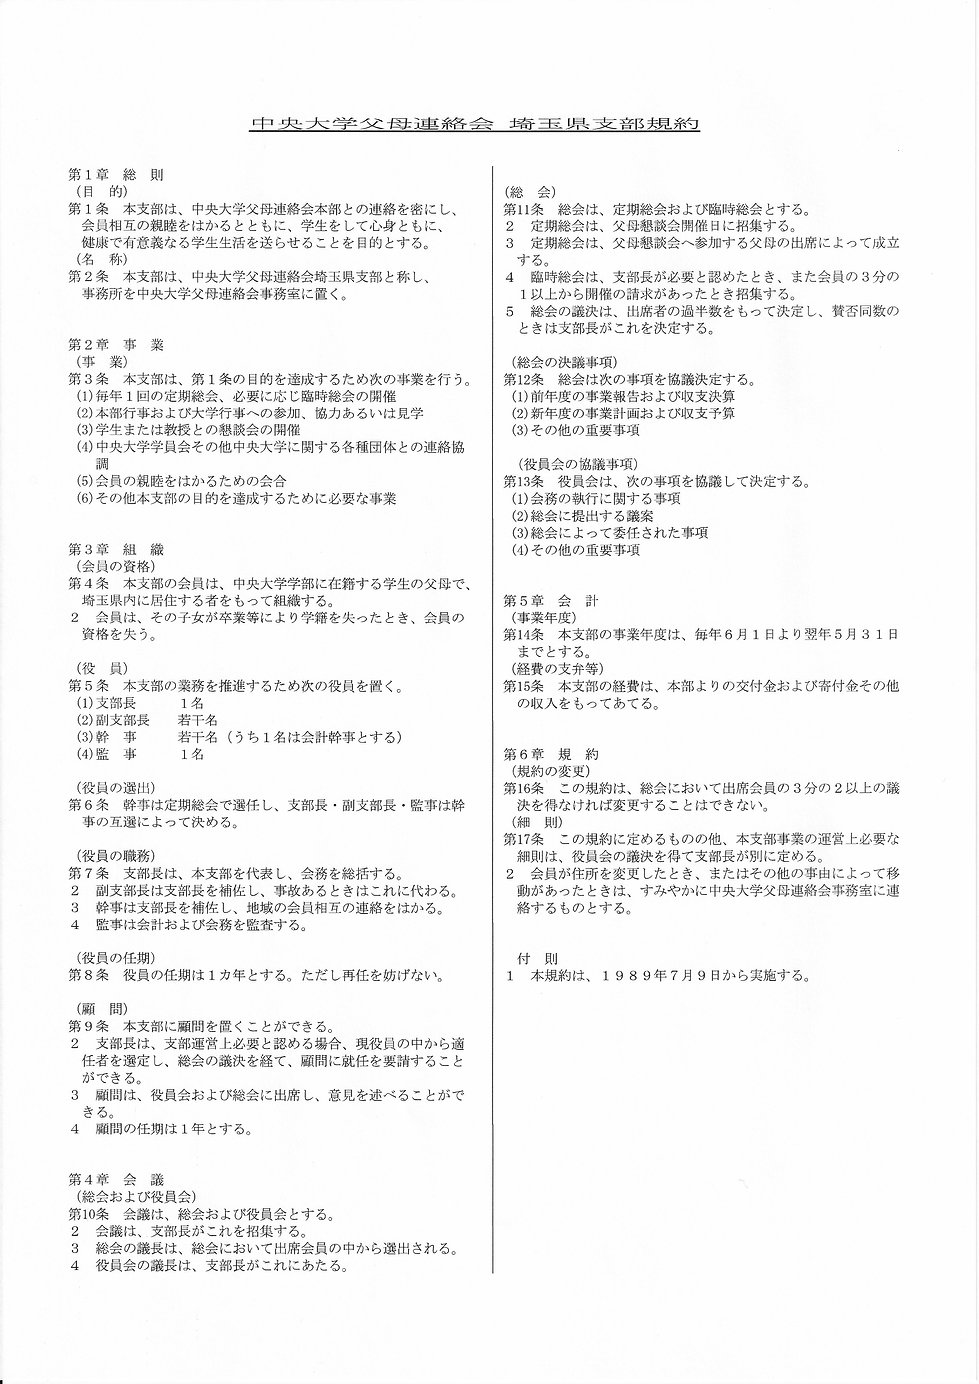 埼玉県支部規約021.3.jpg